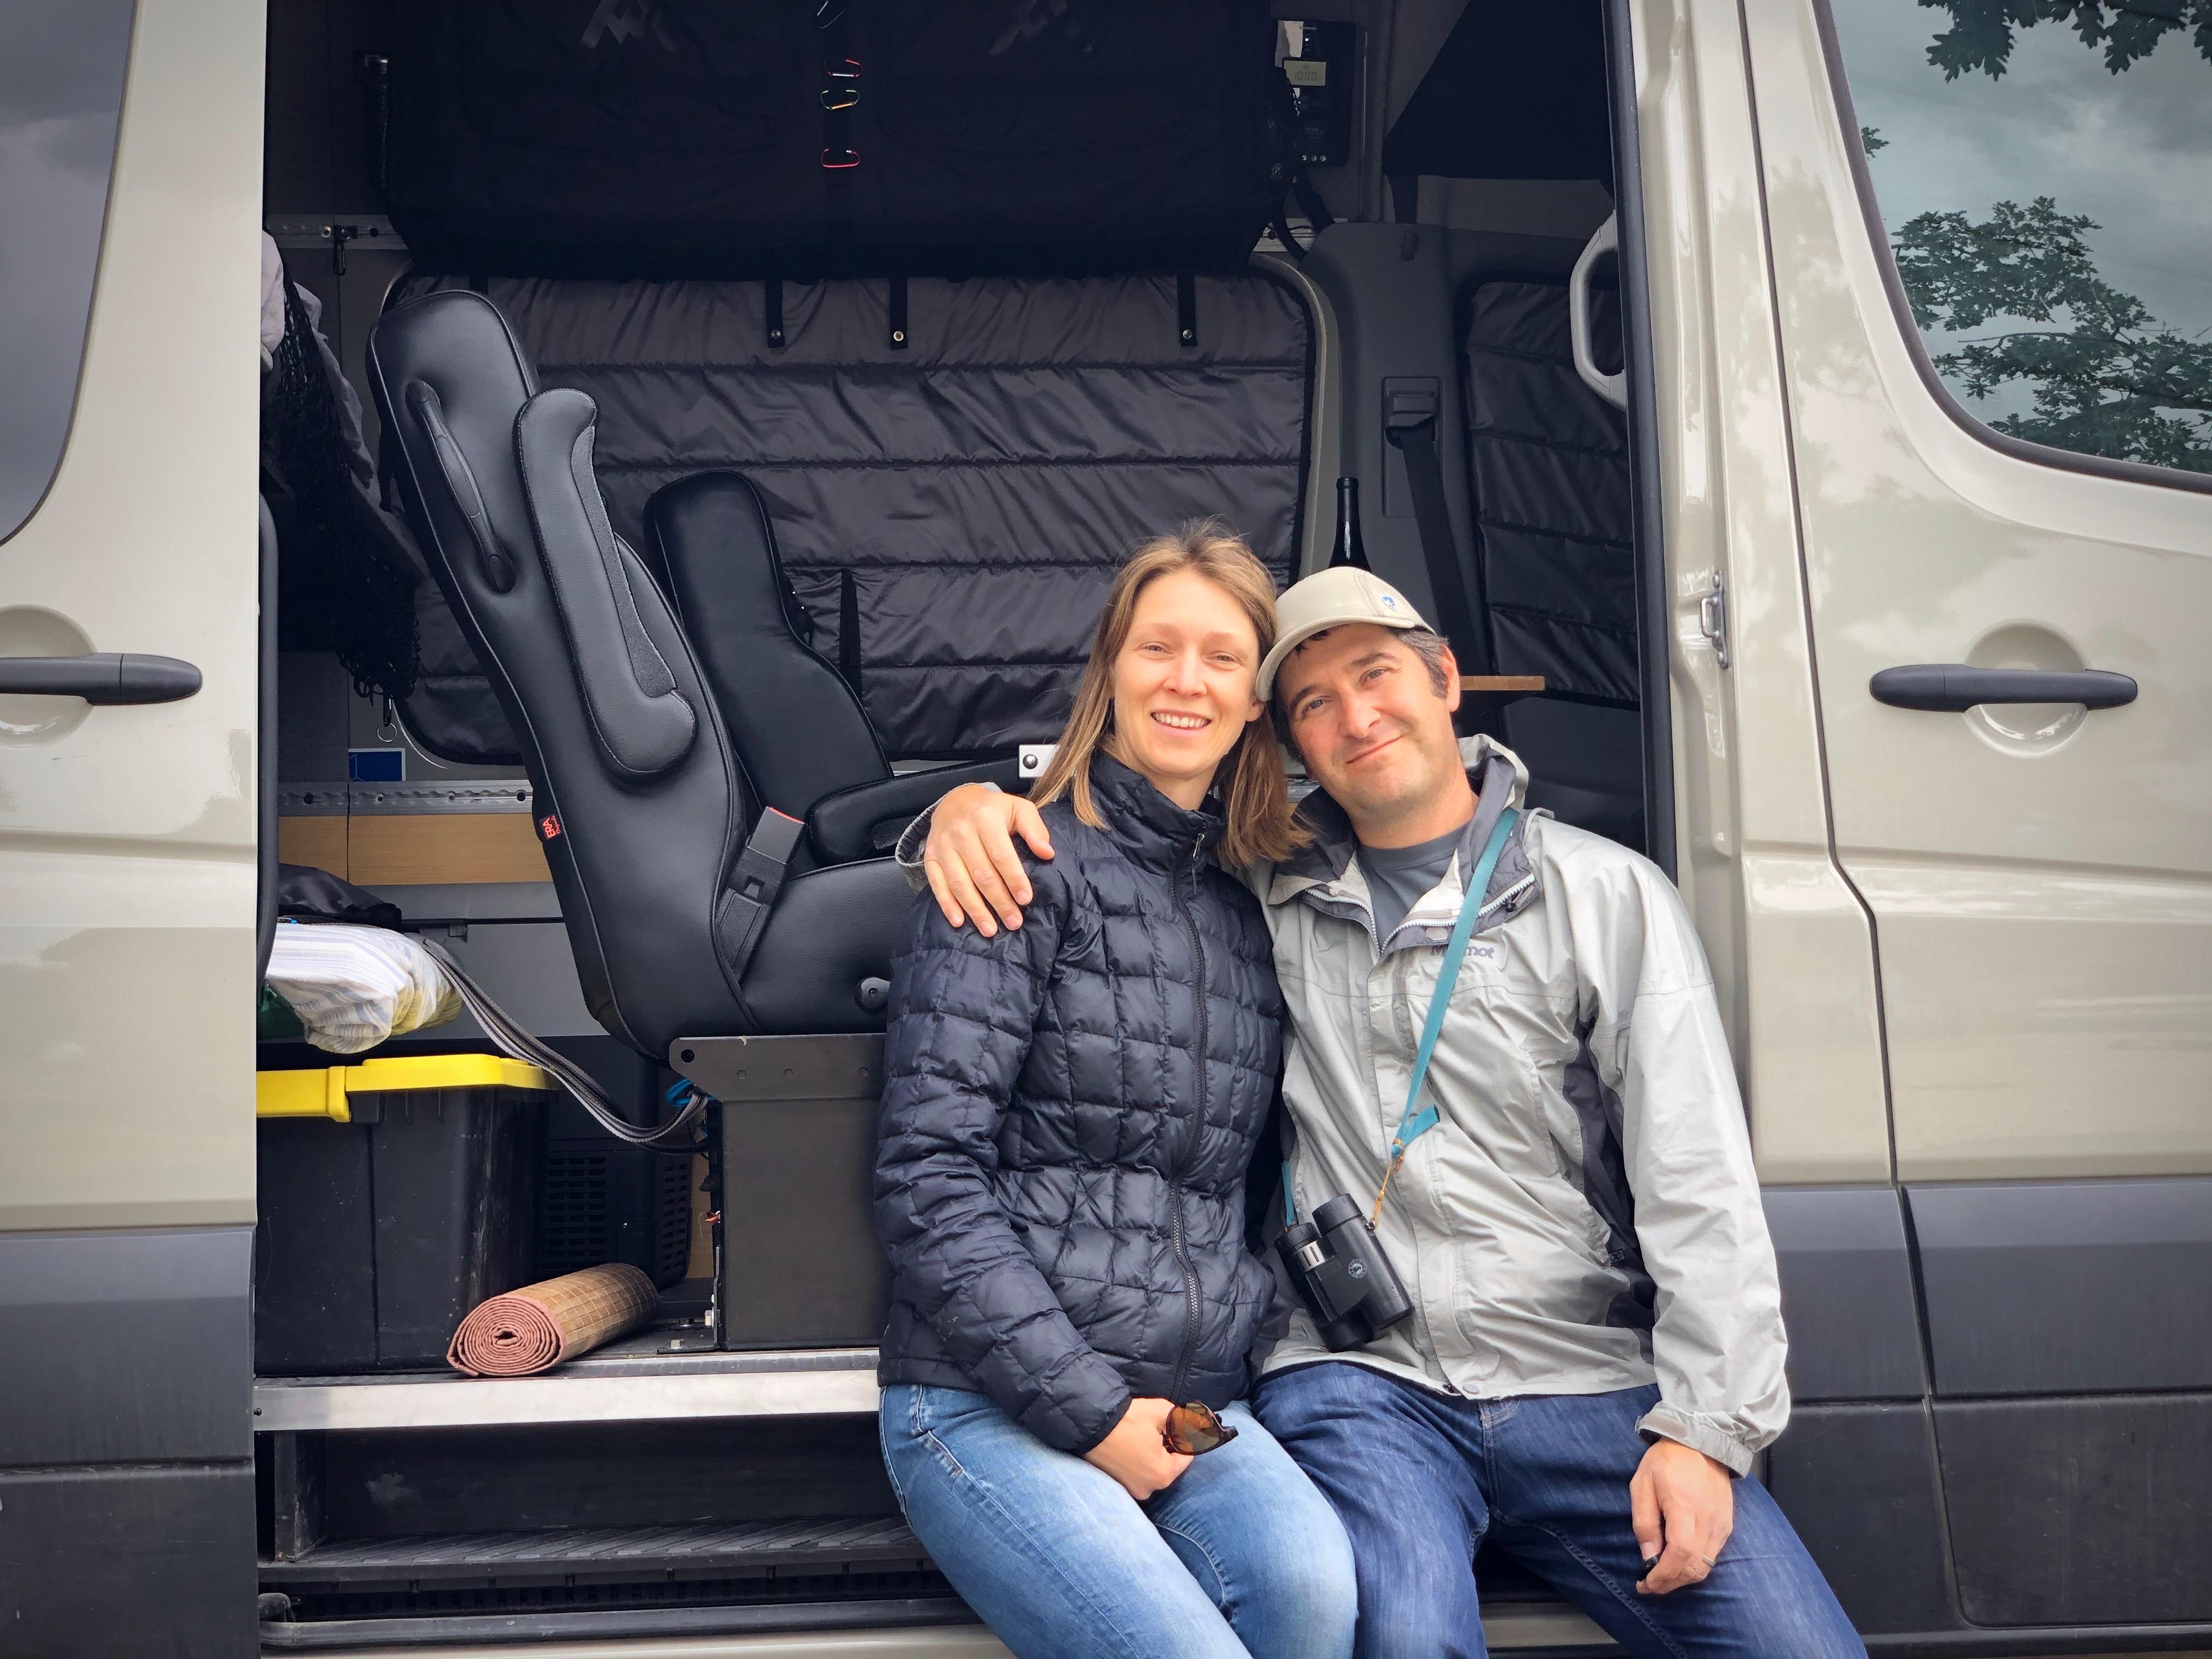 Quest Overland founders sitting in Sprinter van